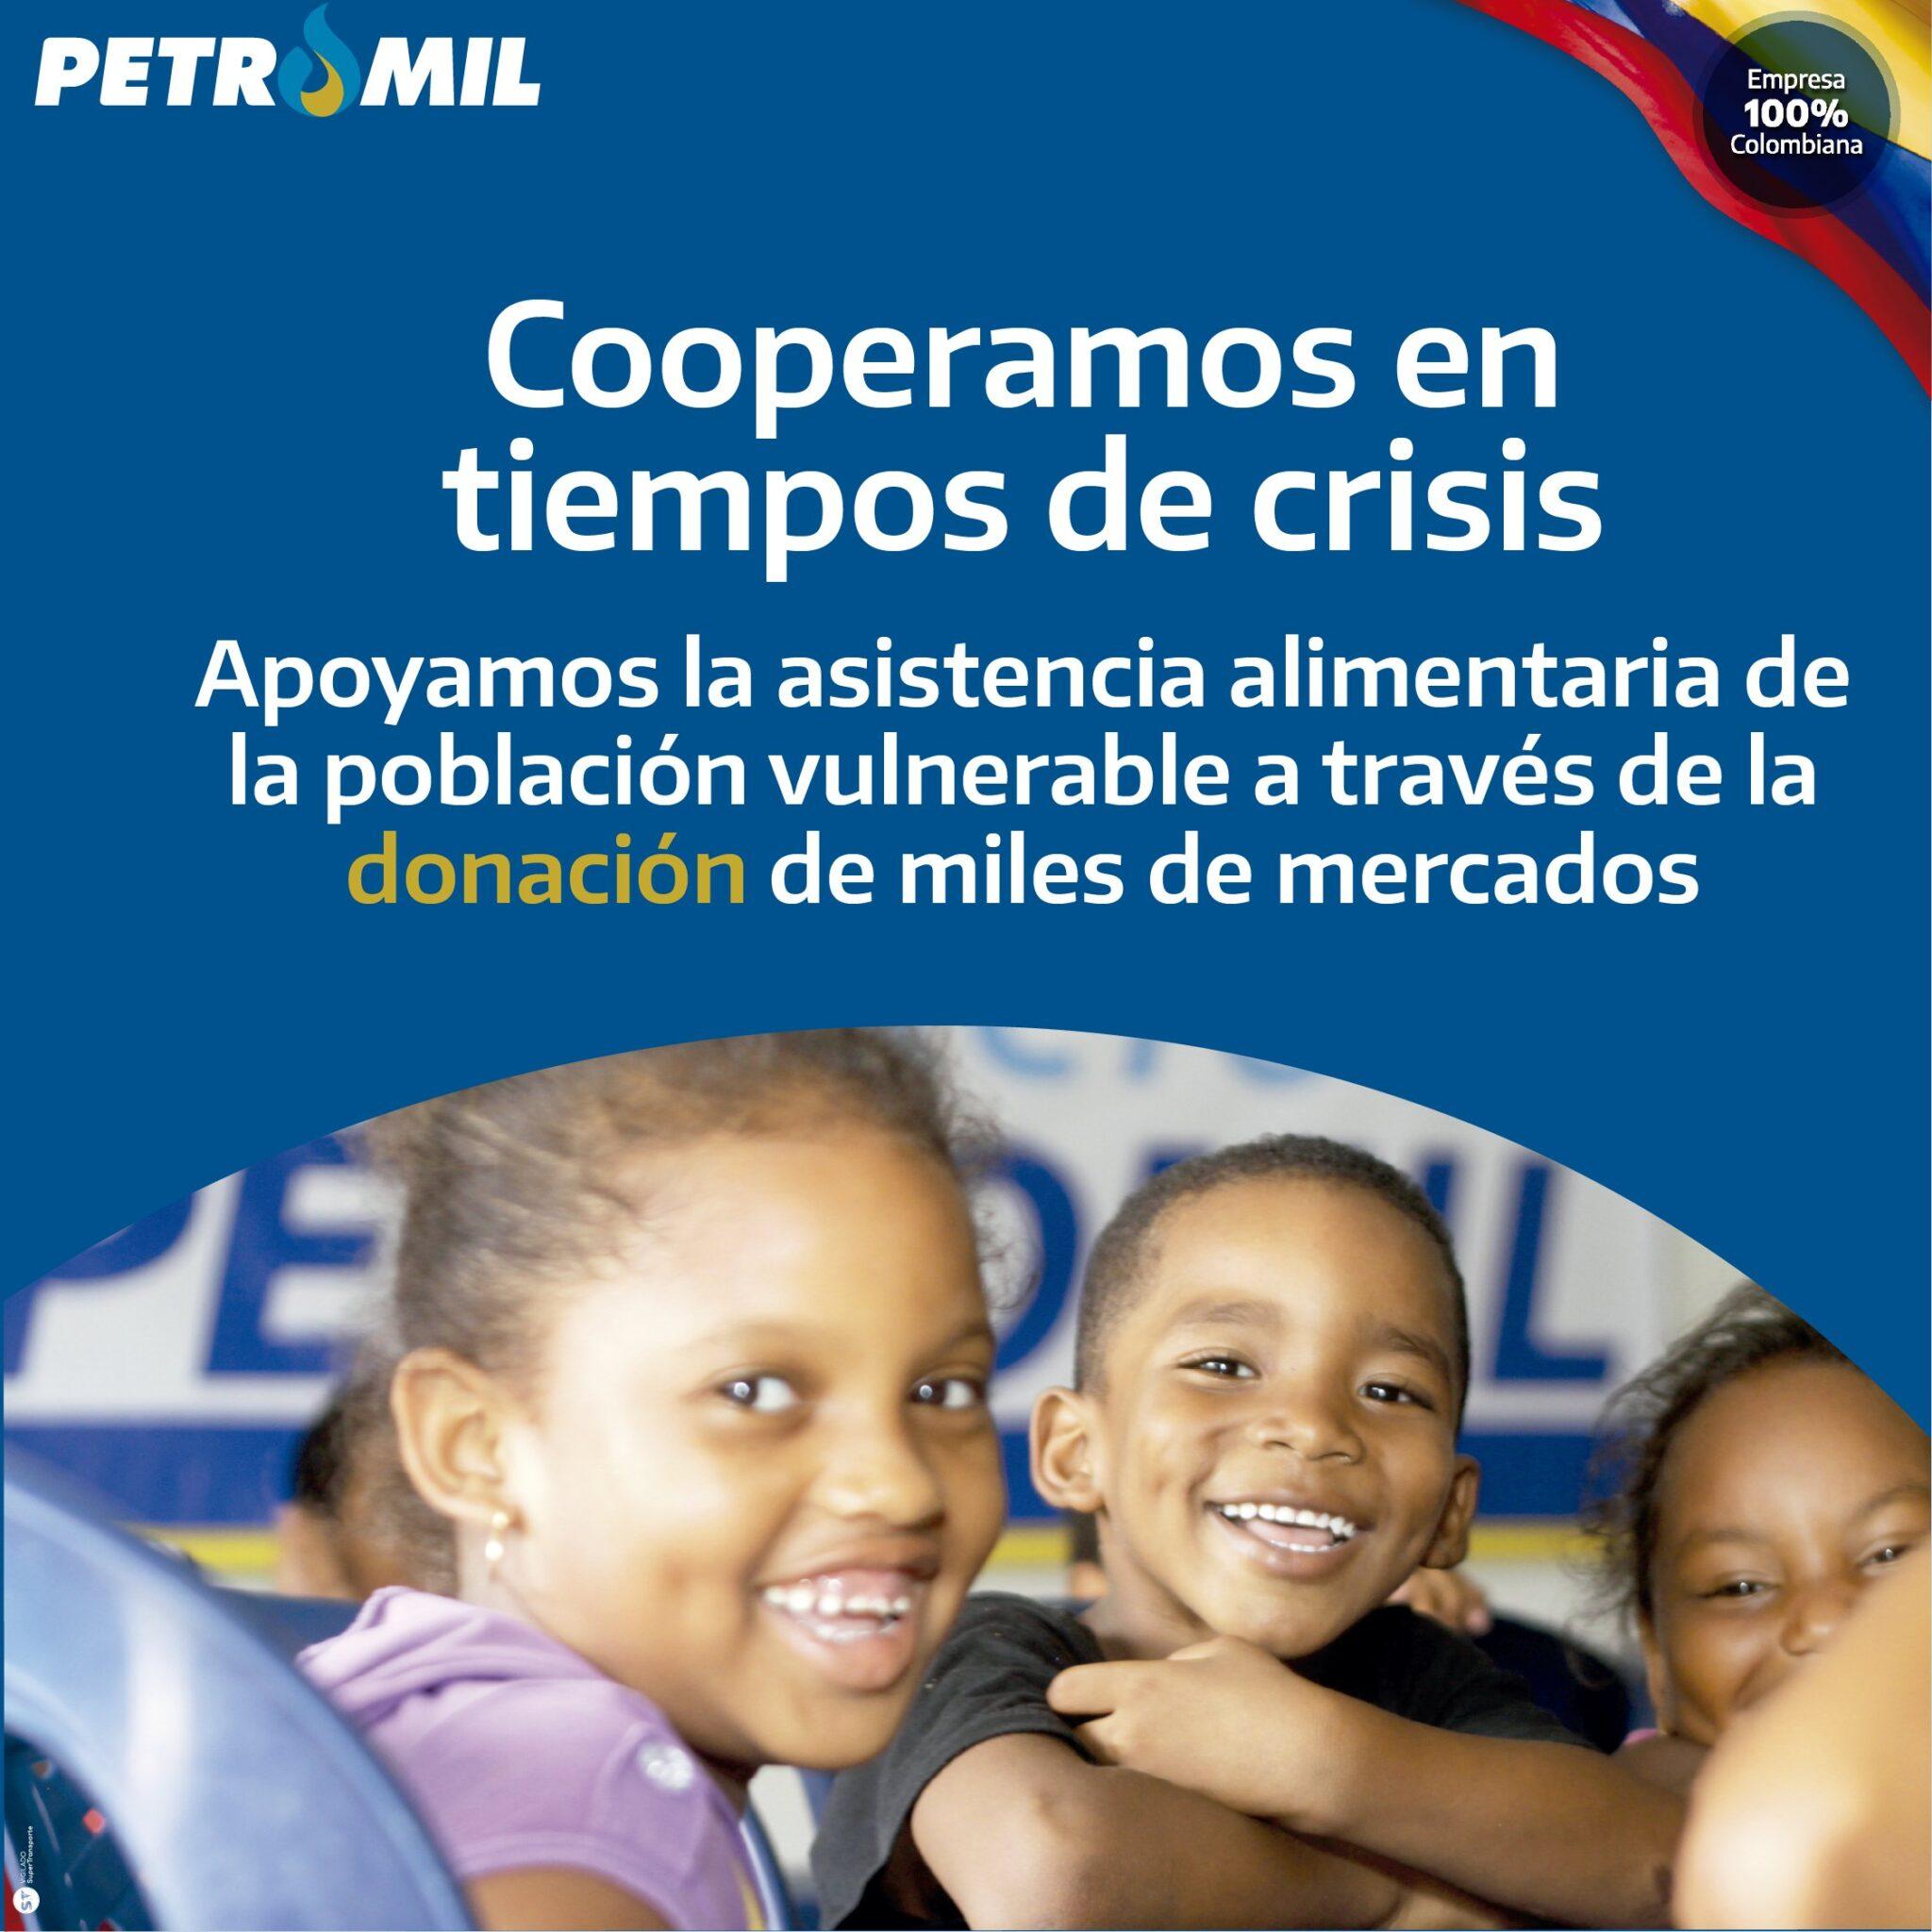 Participamos de la iniciativa de Probarranquilla con la donación de miles de mercados a las familias vulnerables de Barranquilla y los municipios del Atlántico.